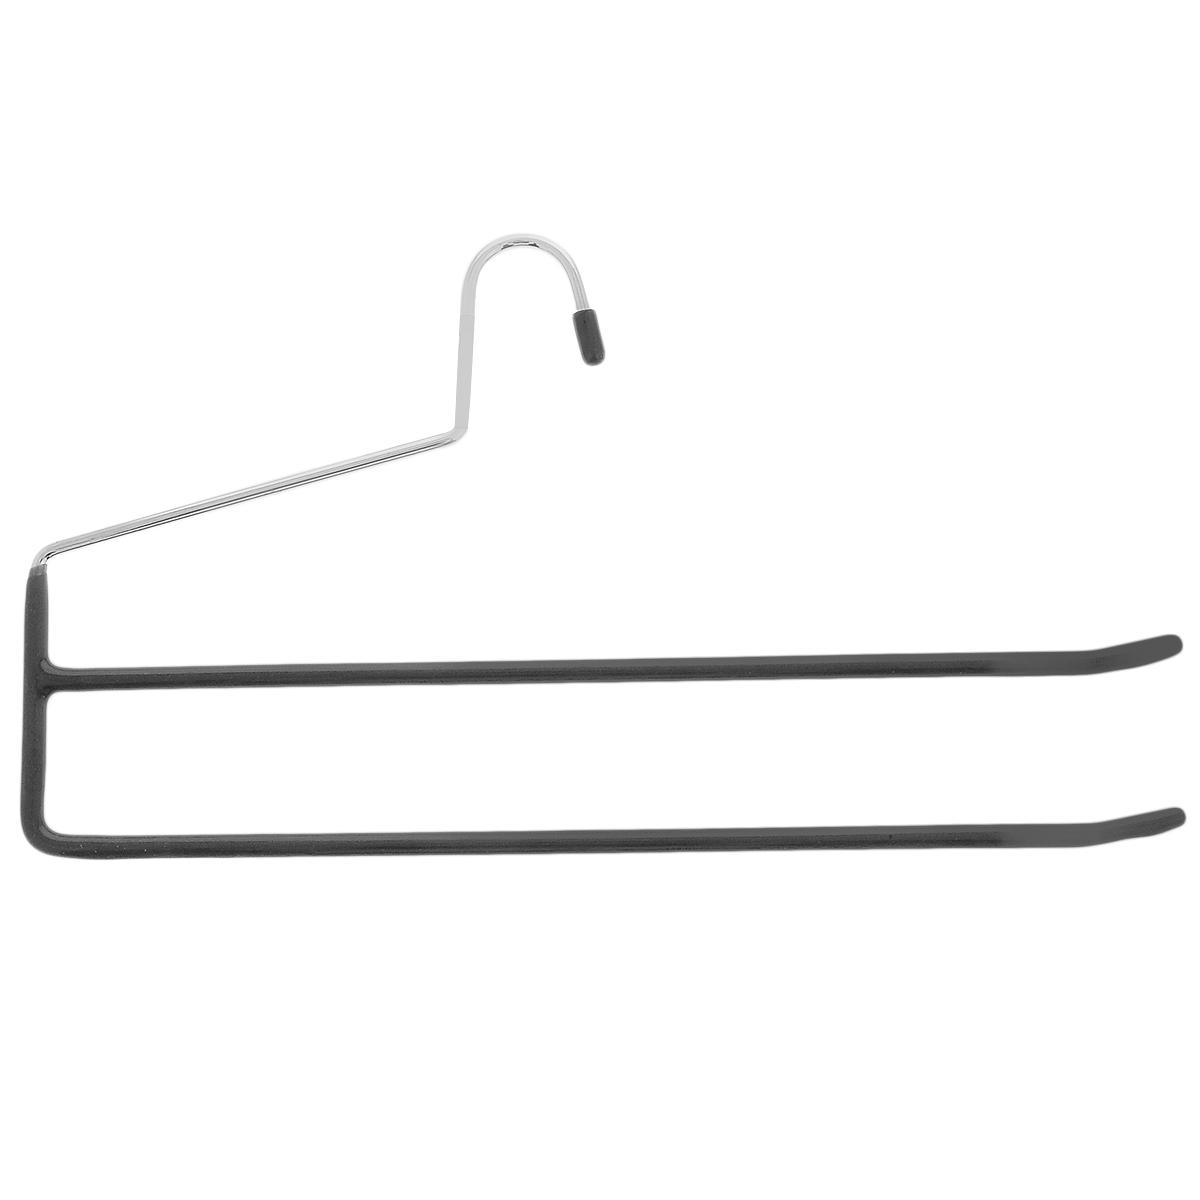 Вешалка для одежды Flatel, цвет: черный, 35 смFHM151Вешалка для одежды Flatel выполнена из прочного металла с противоскользящим покрытием из ПВХ. Изделие оснащено двумя перекладинами. Вешалка - это незаменимая вещь для того, чтобы ваша одежда всегда оставалась в хорошем состоянии.